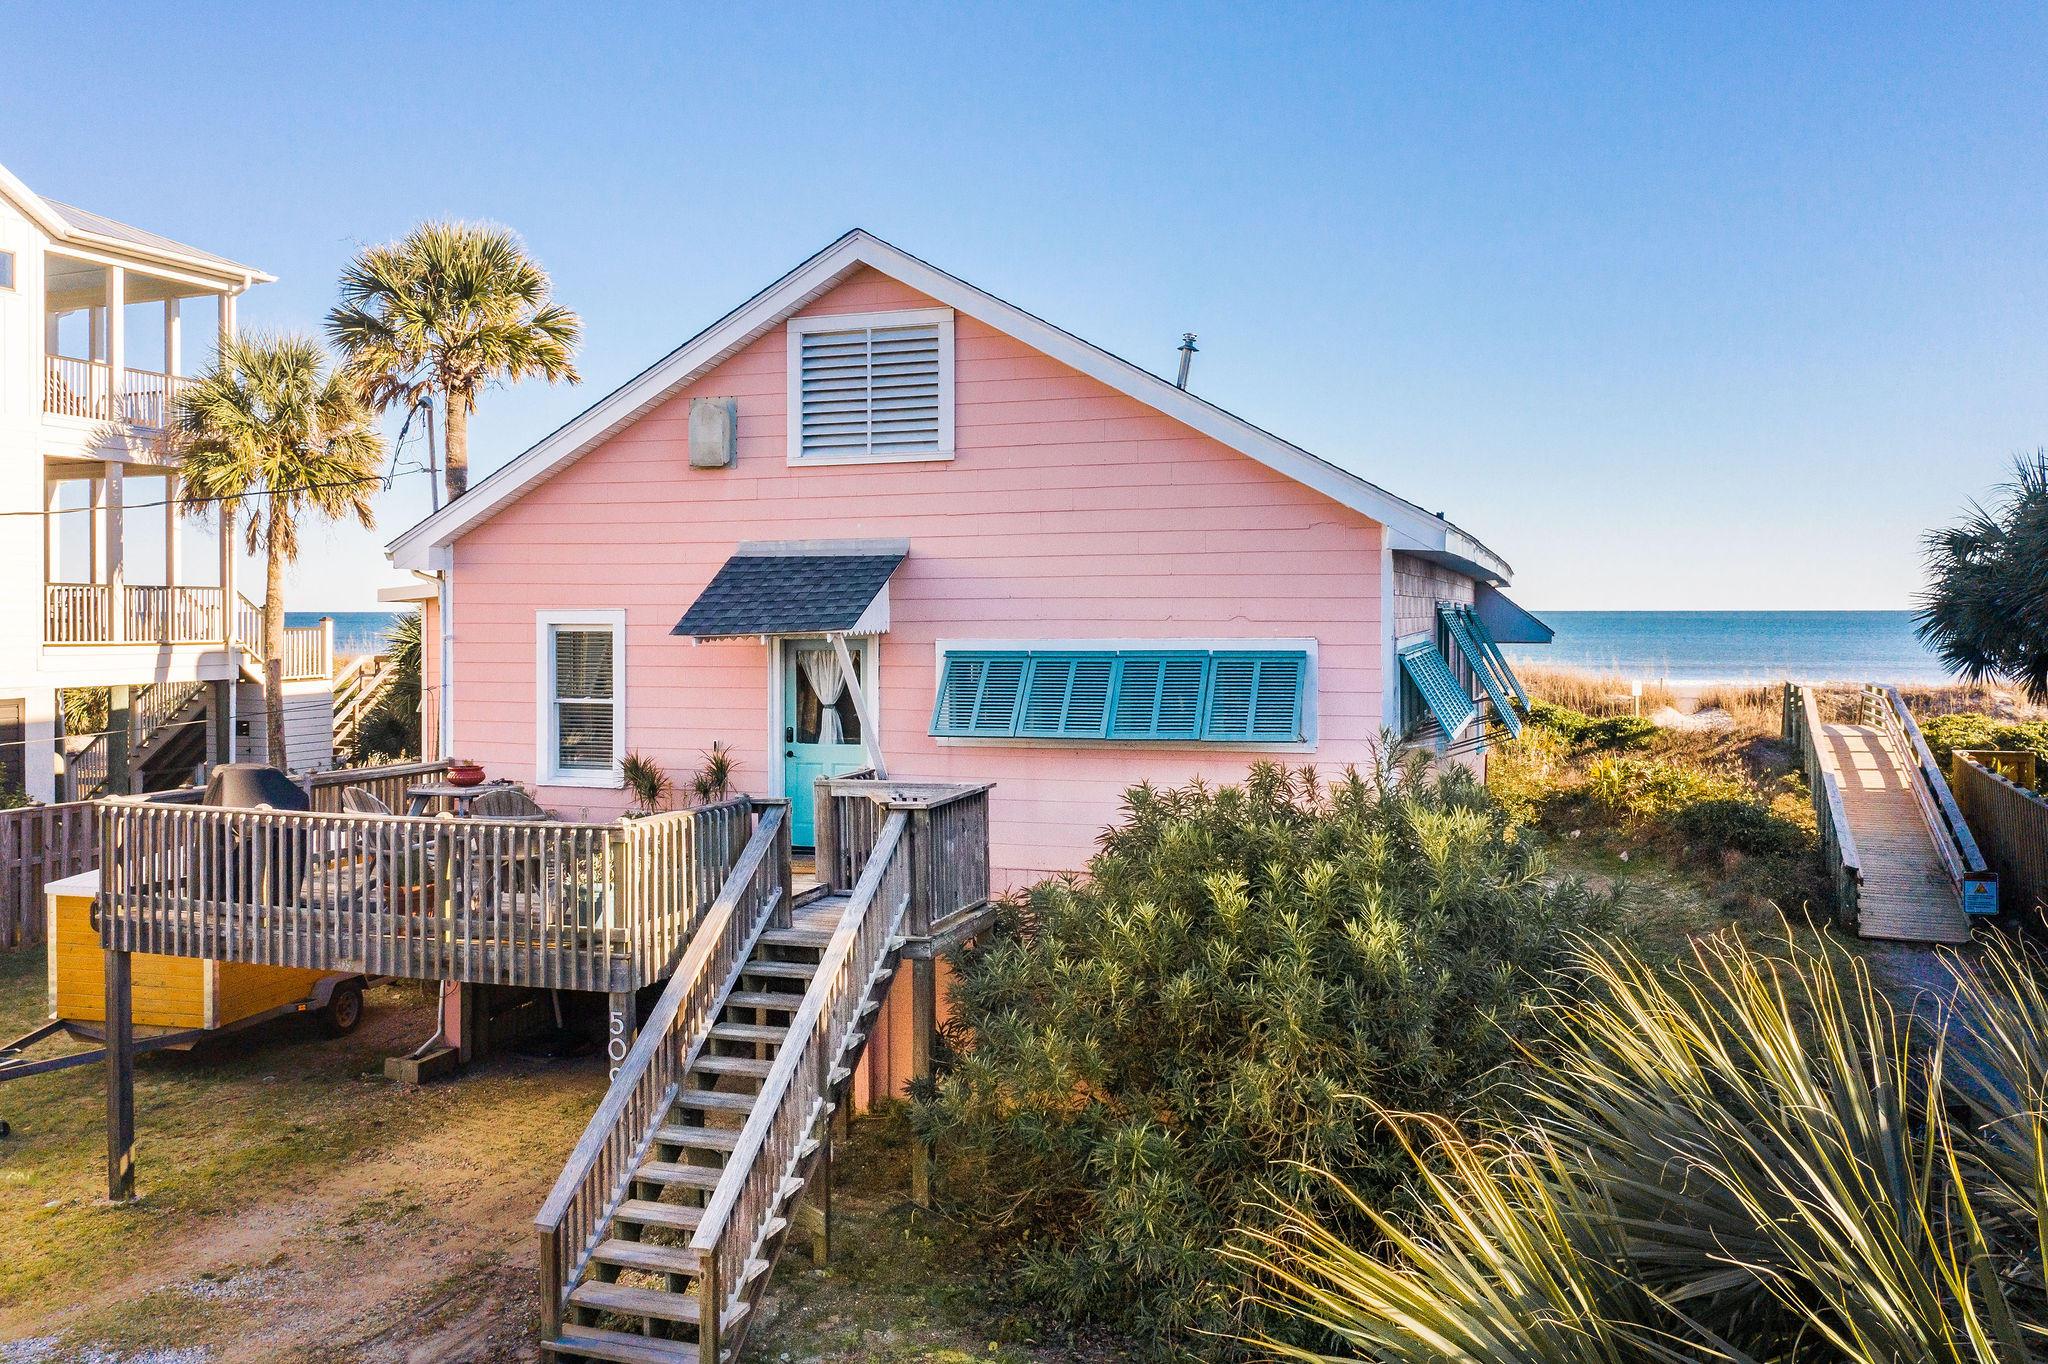 Folly Beach Homes For Sale - 509 Ashley, Folly Beach, SC - 52